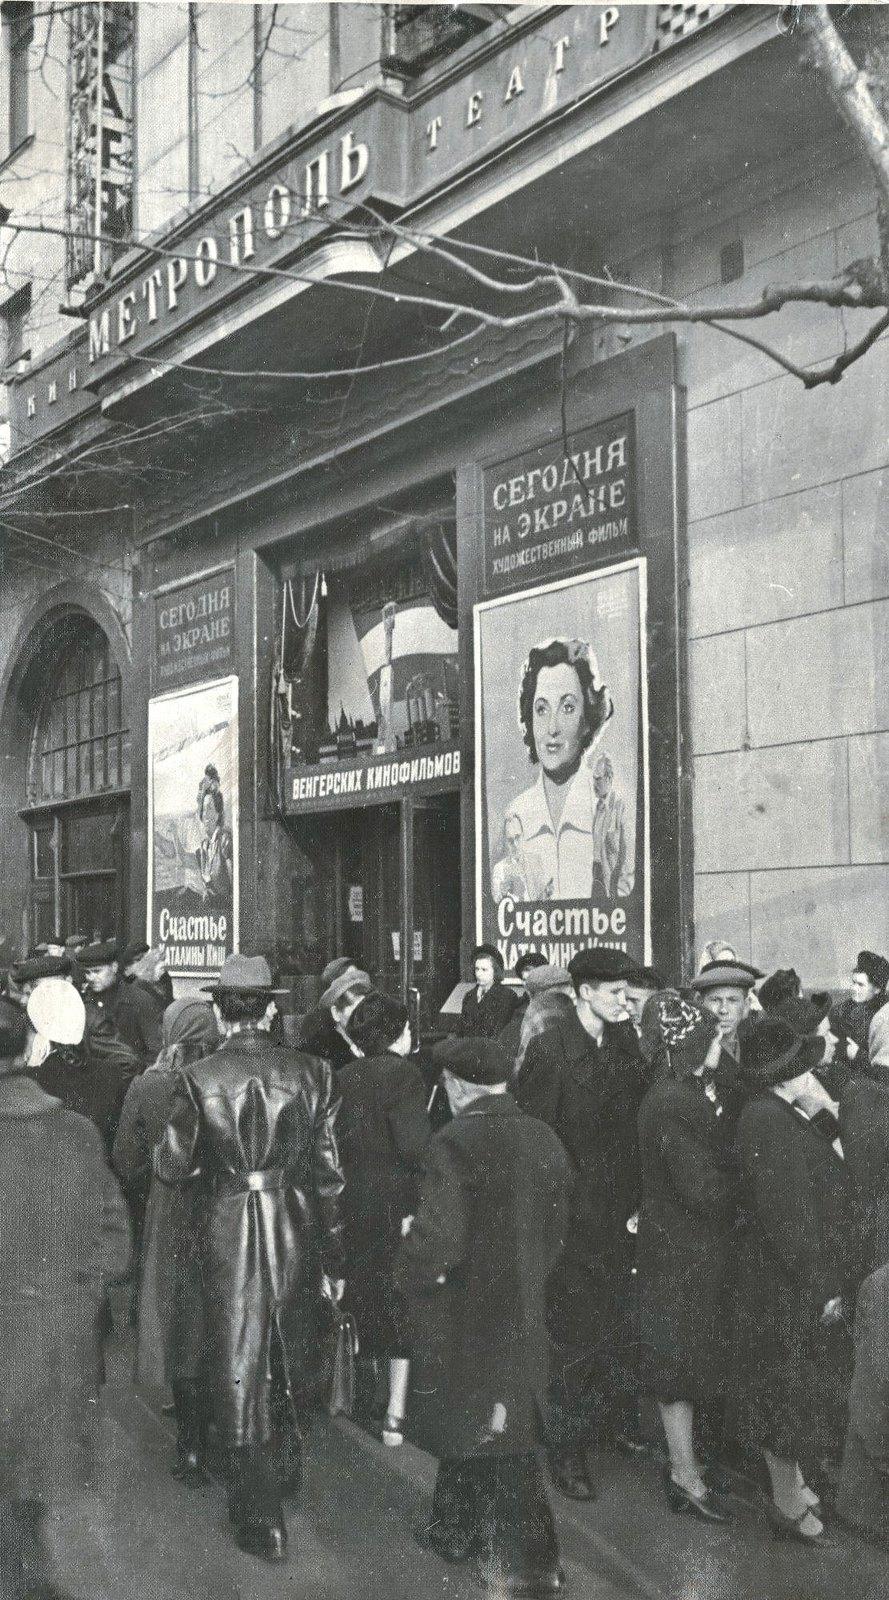 1950. Кинотеатр «Метрополь». Неделя венгерских фильмов